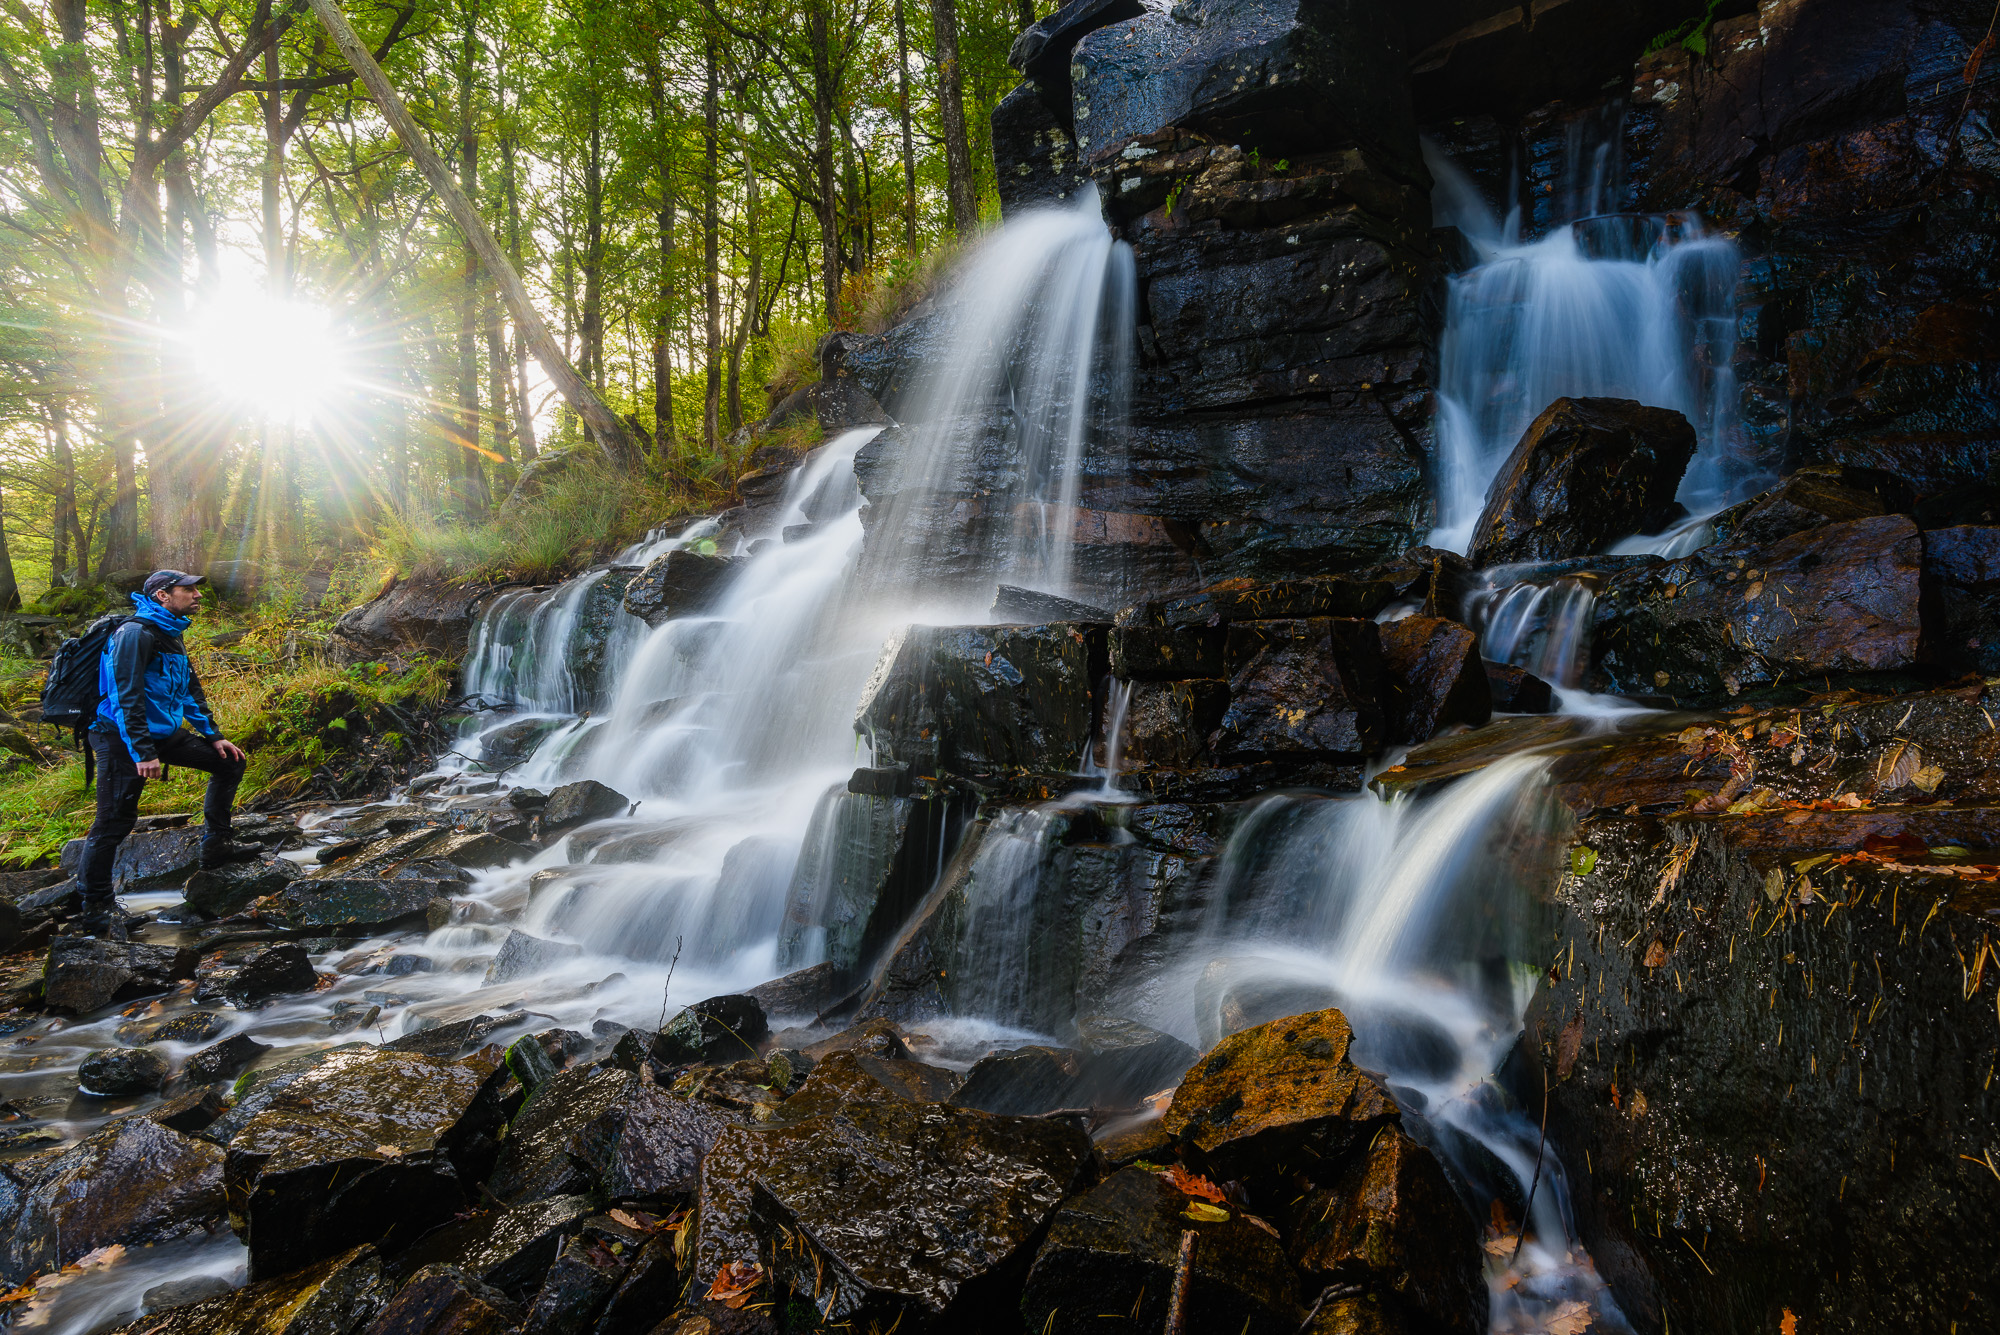 Ramhultafallet Naturreservat, Marks kommun